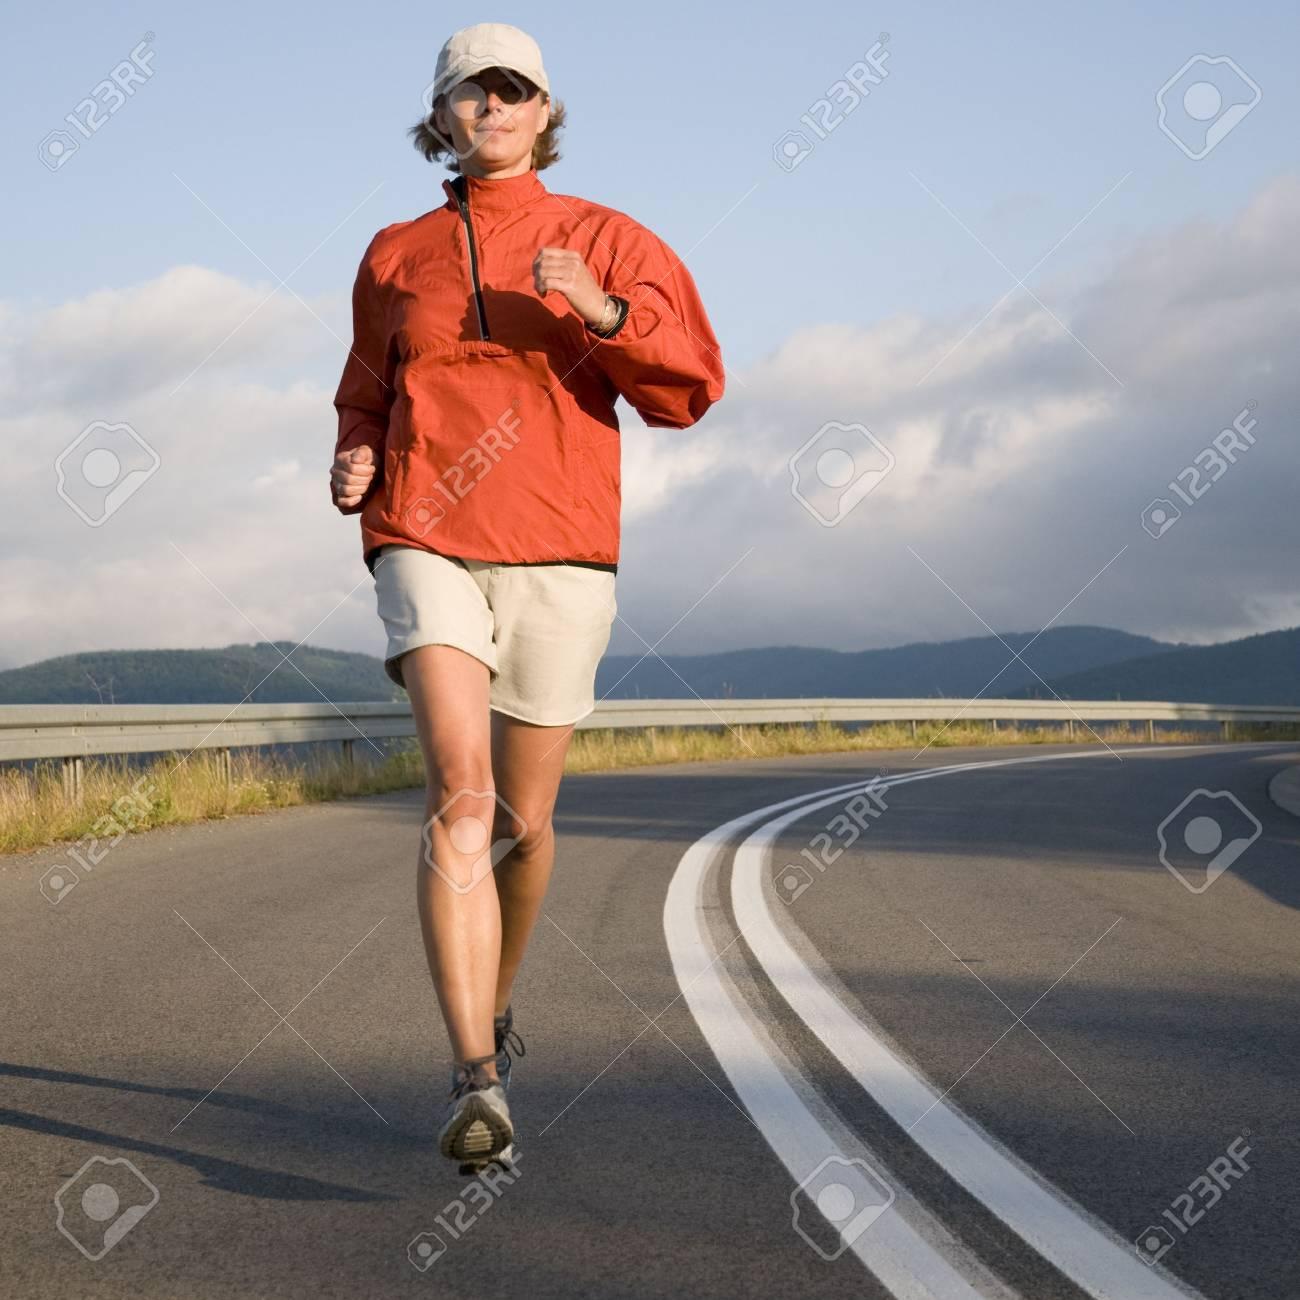 Running Stock Photo - 3713180